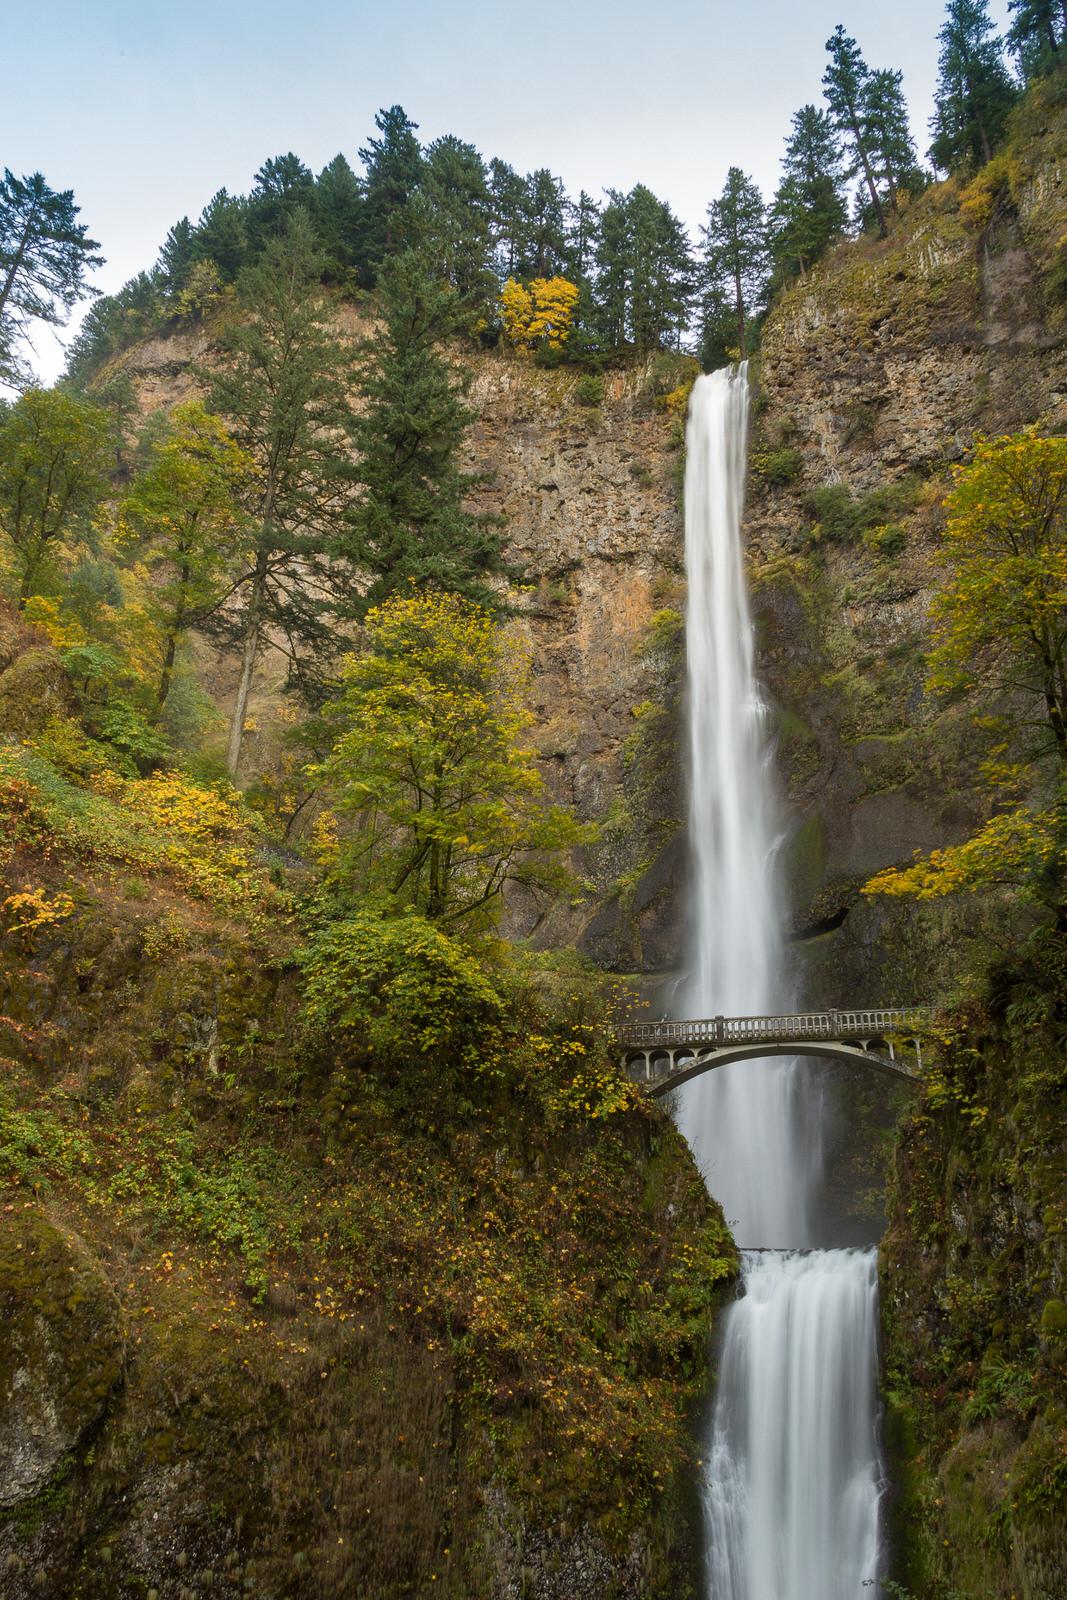 Multnomah Falls drops below Benson Bridge